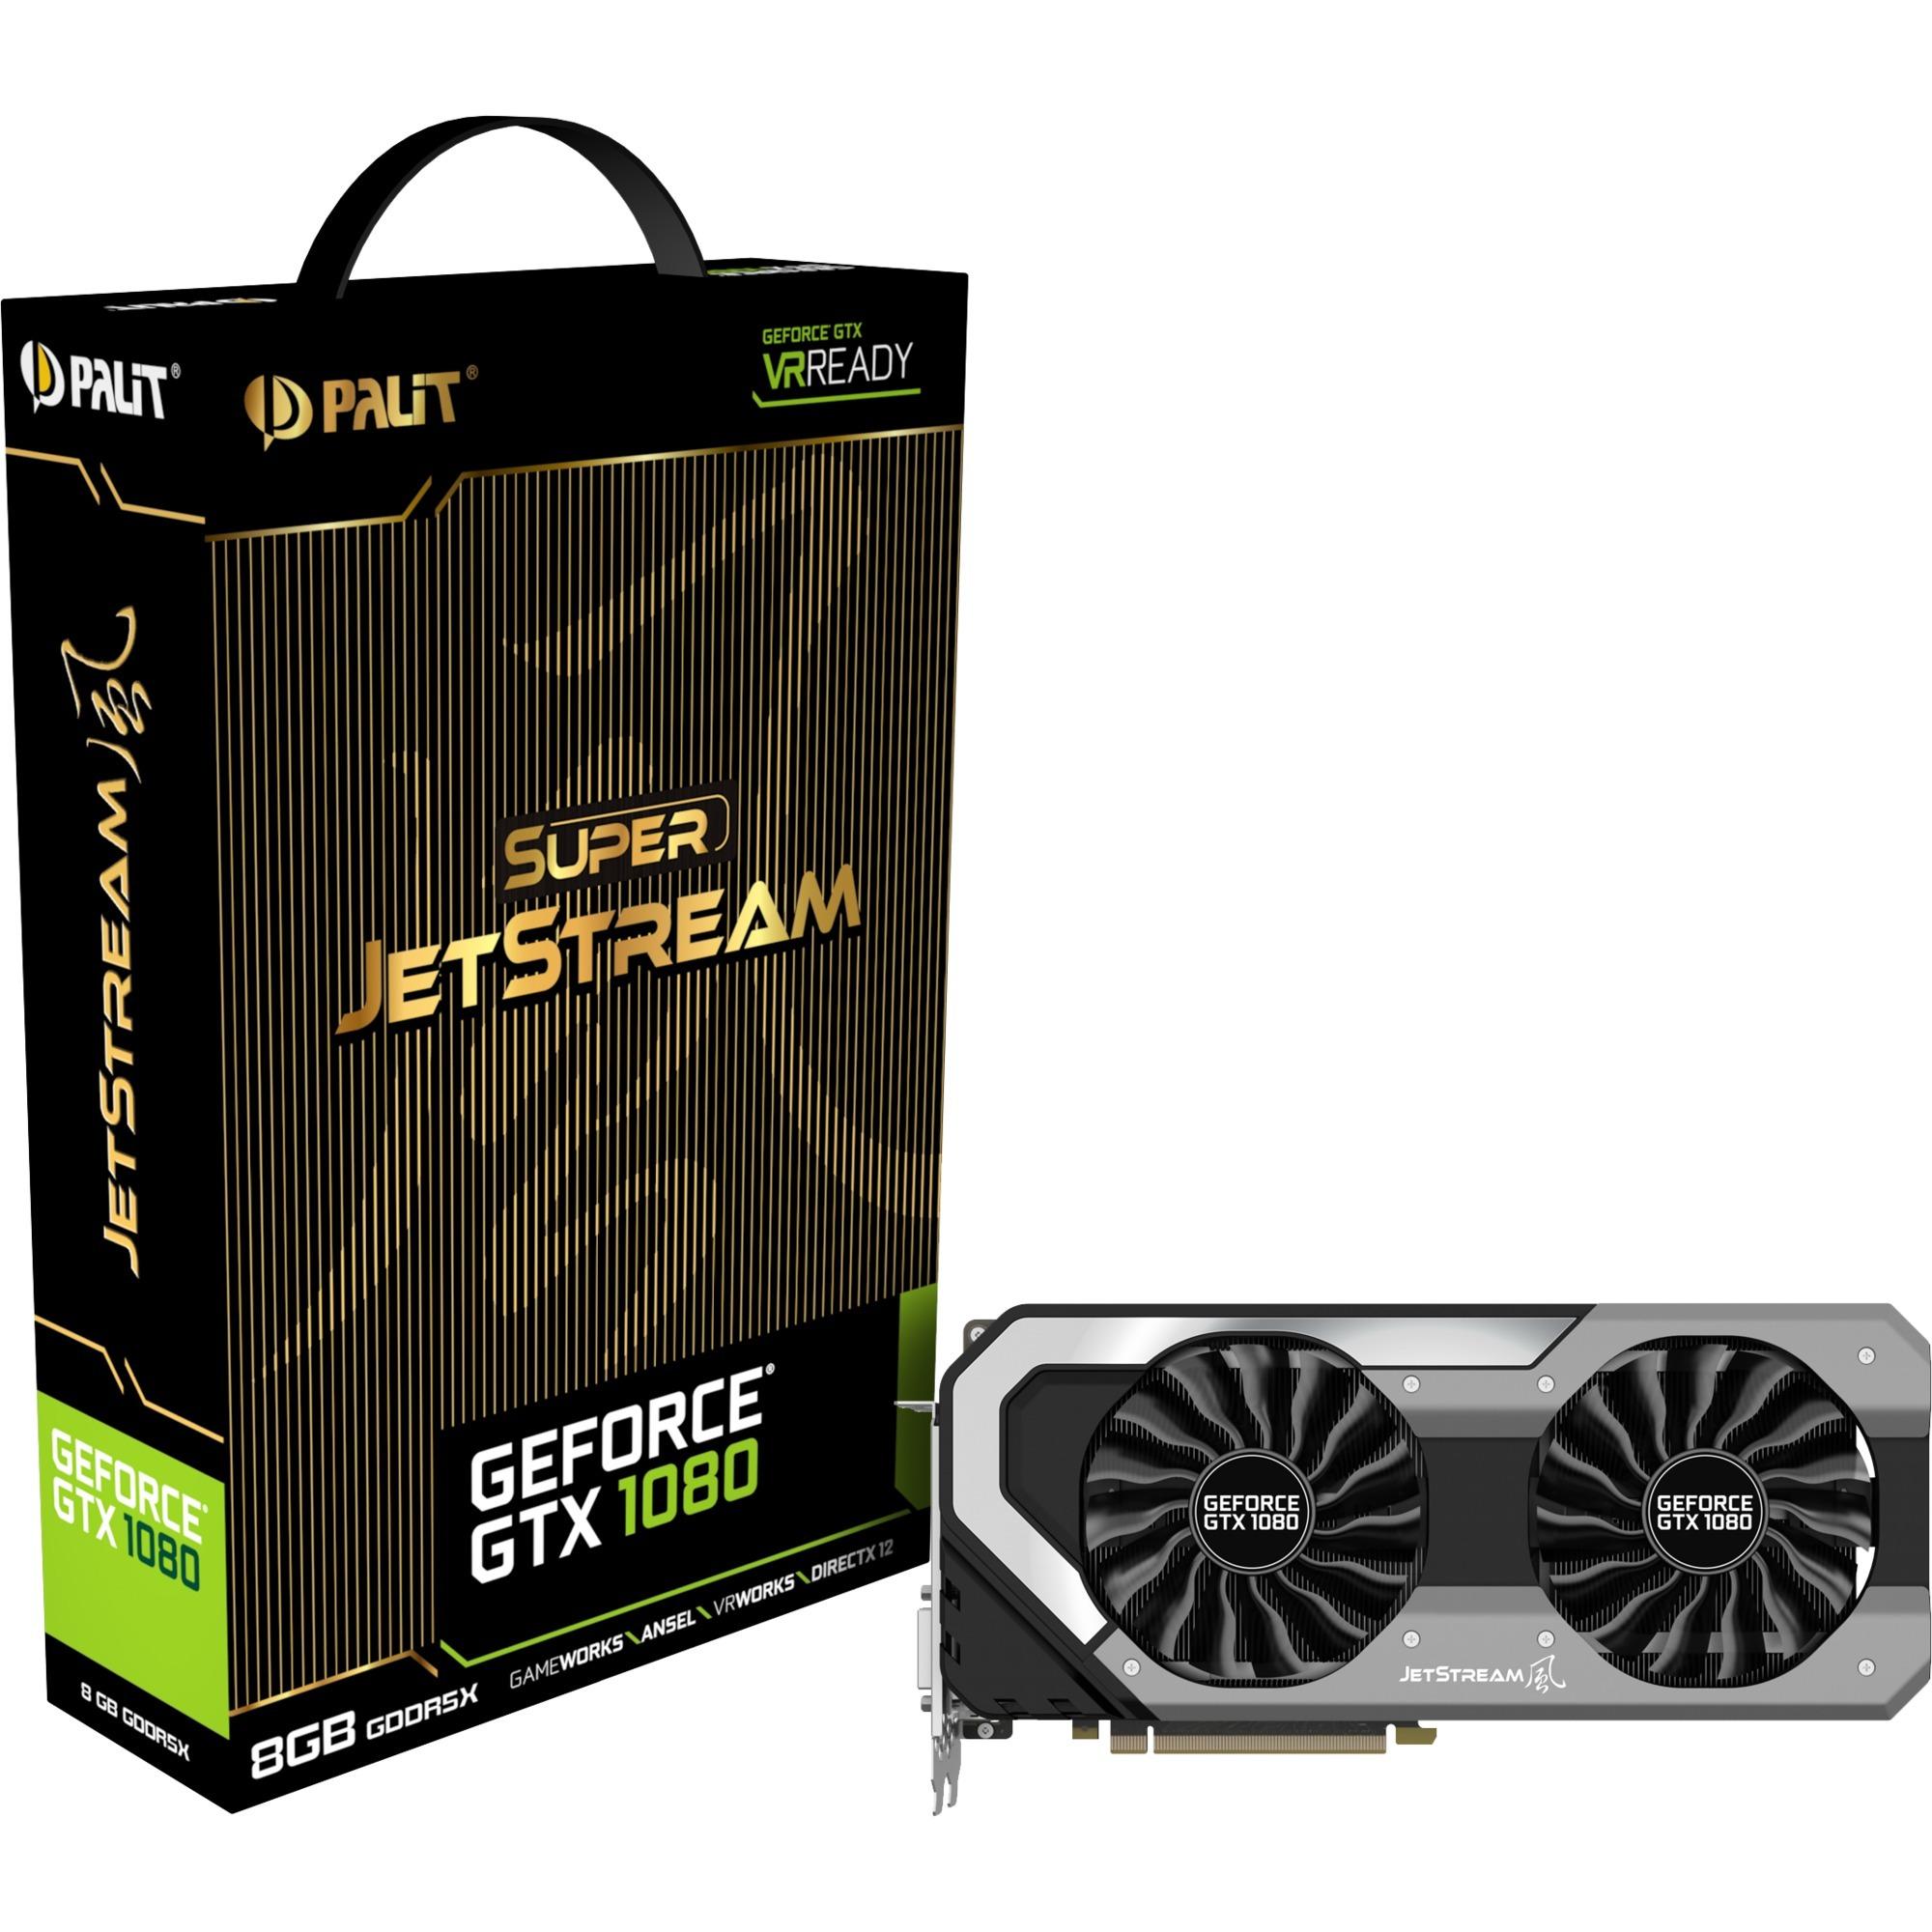 GeForce GTX 1080 Super Jetstream, Carte graphique